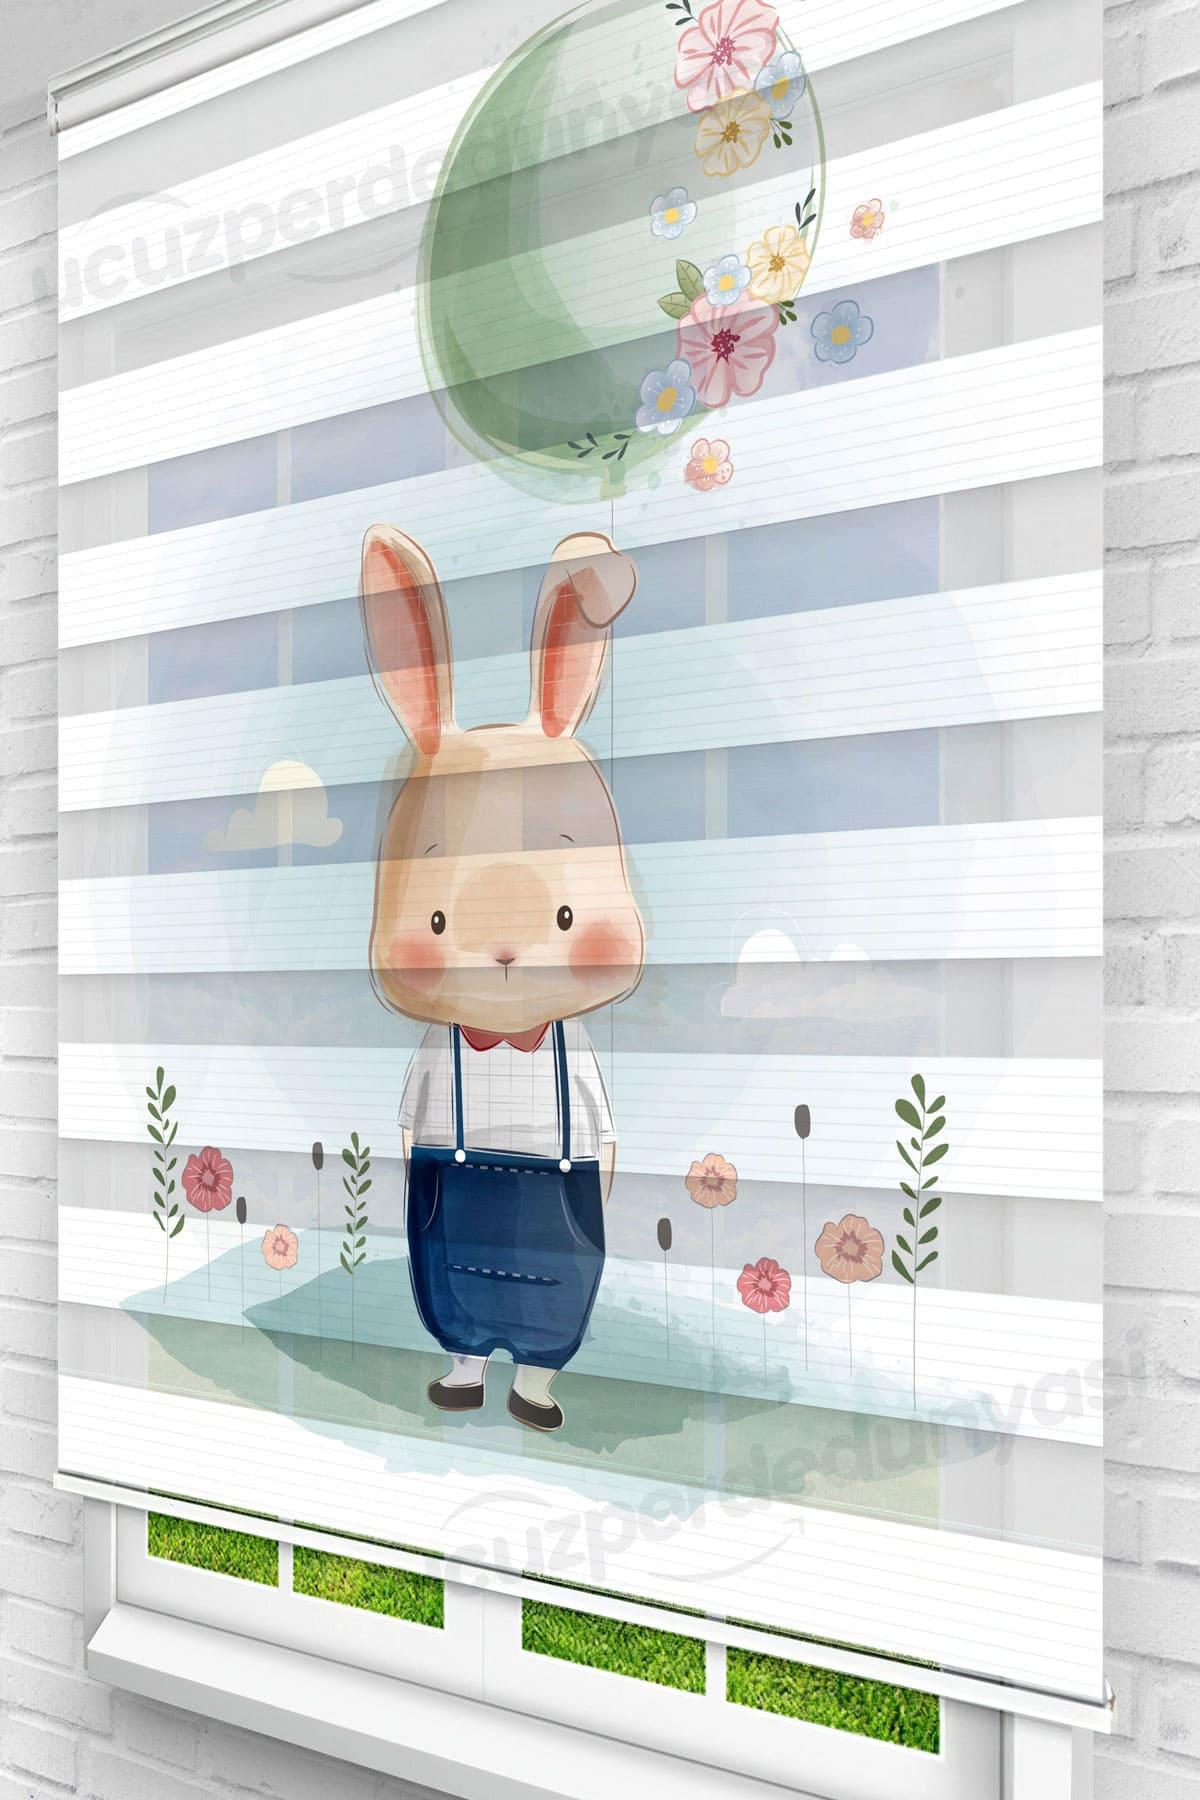 Mavi Elbiseli Tavşan Çocuk Odası Zebra Perde